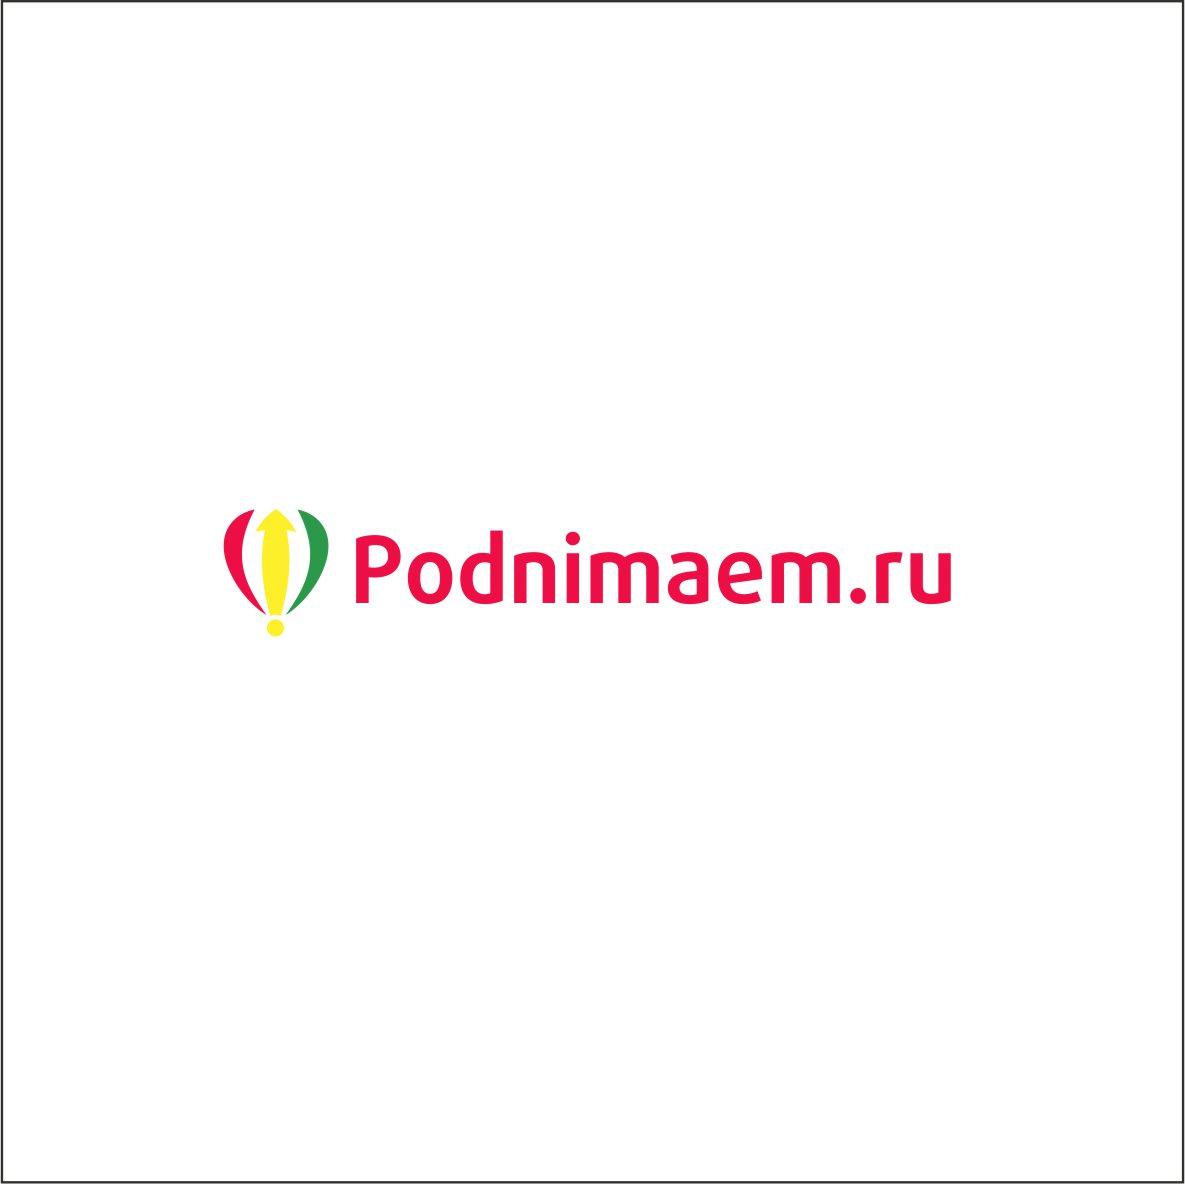 Разработать логотип + визитку + логотип для печати ООО +++ фото f_39655488f437f139.jpg